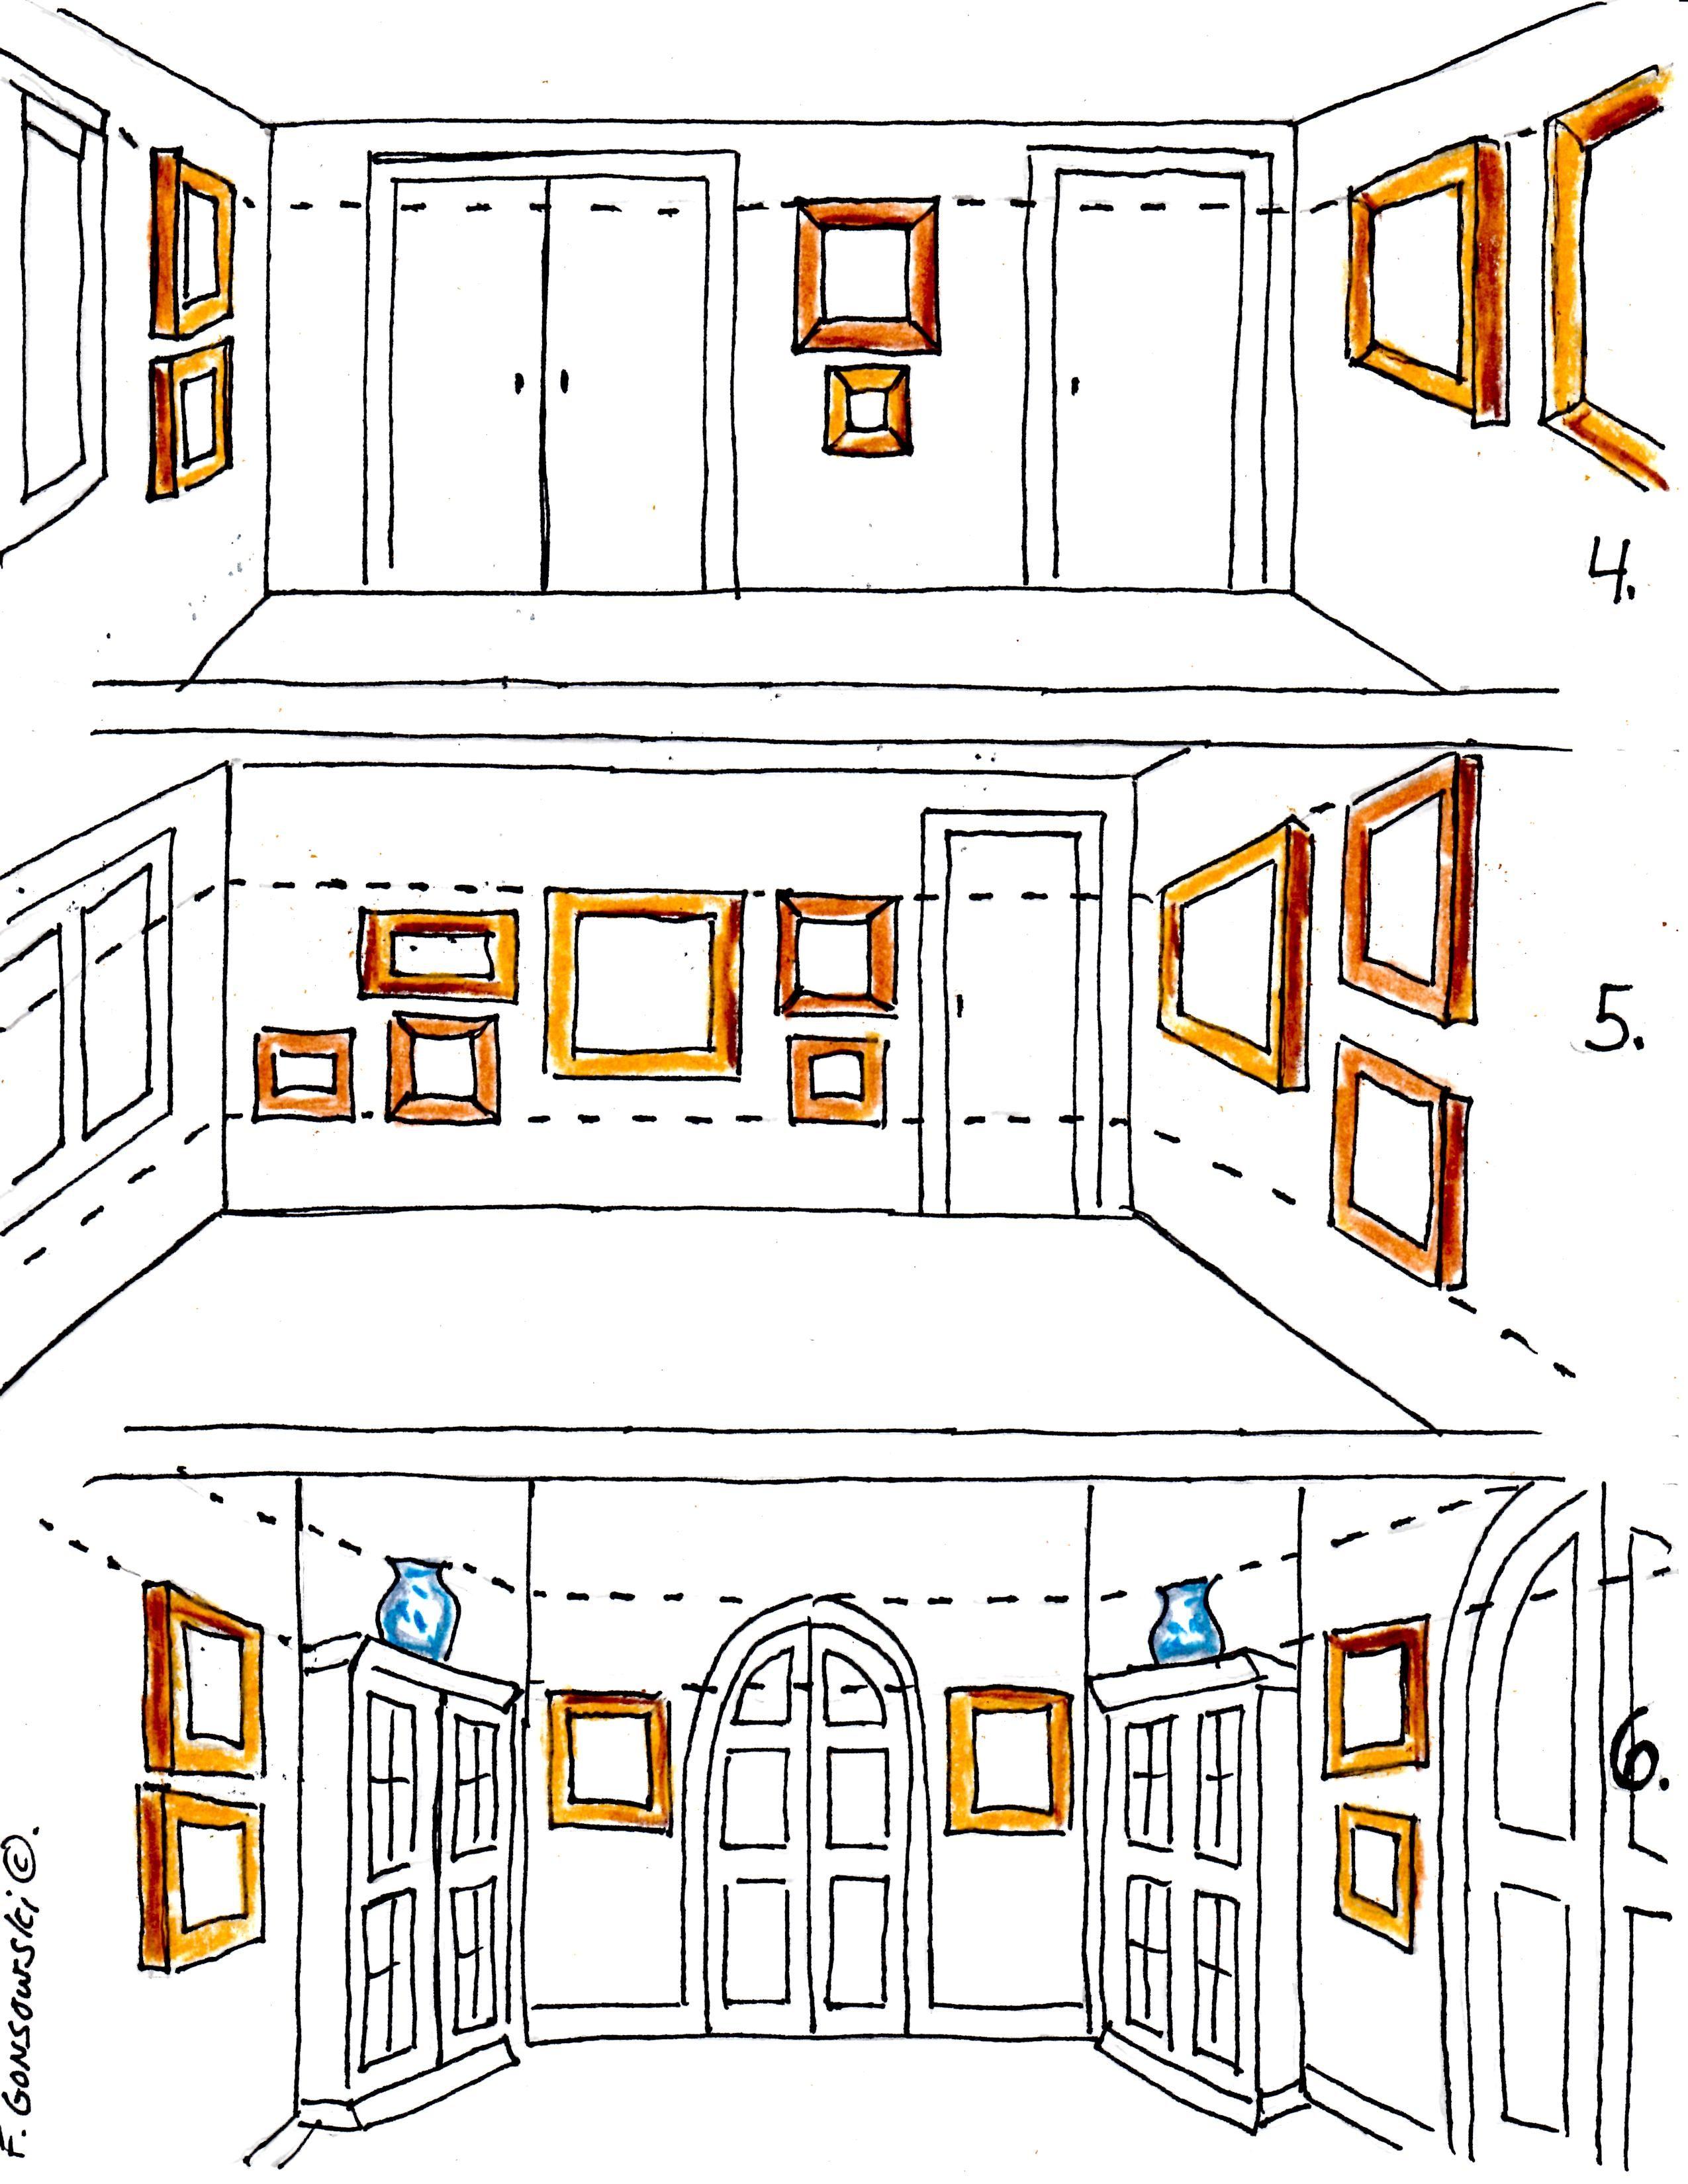 comment accrocher des cadres decoration pinterest cadres cadre tableau et les cadres. Black Bedroom Furniture Sets. Home Design Ideas